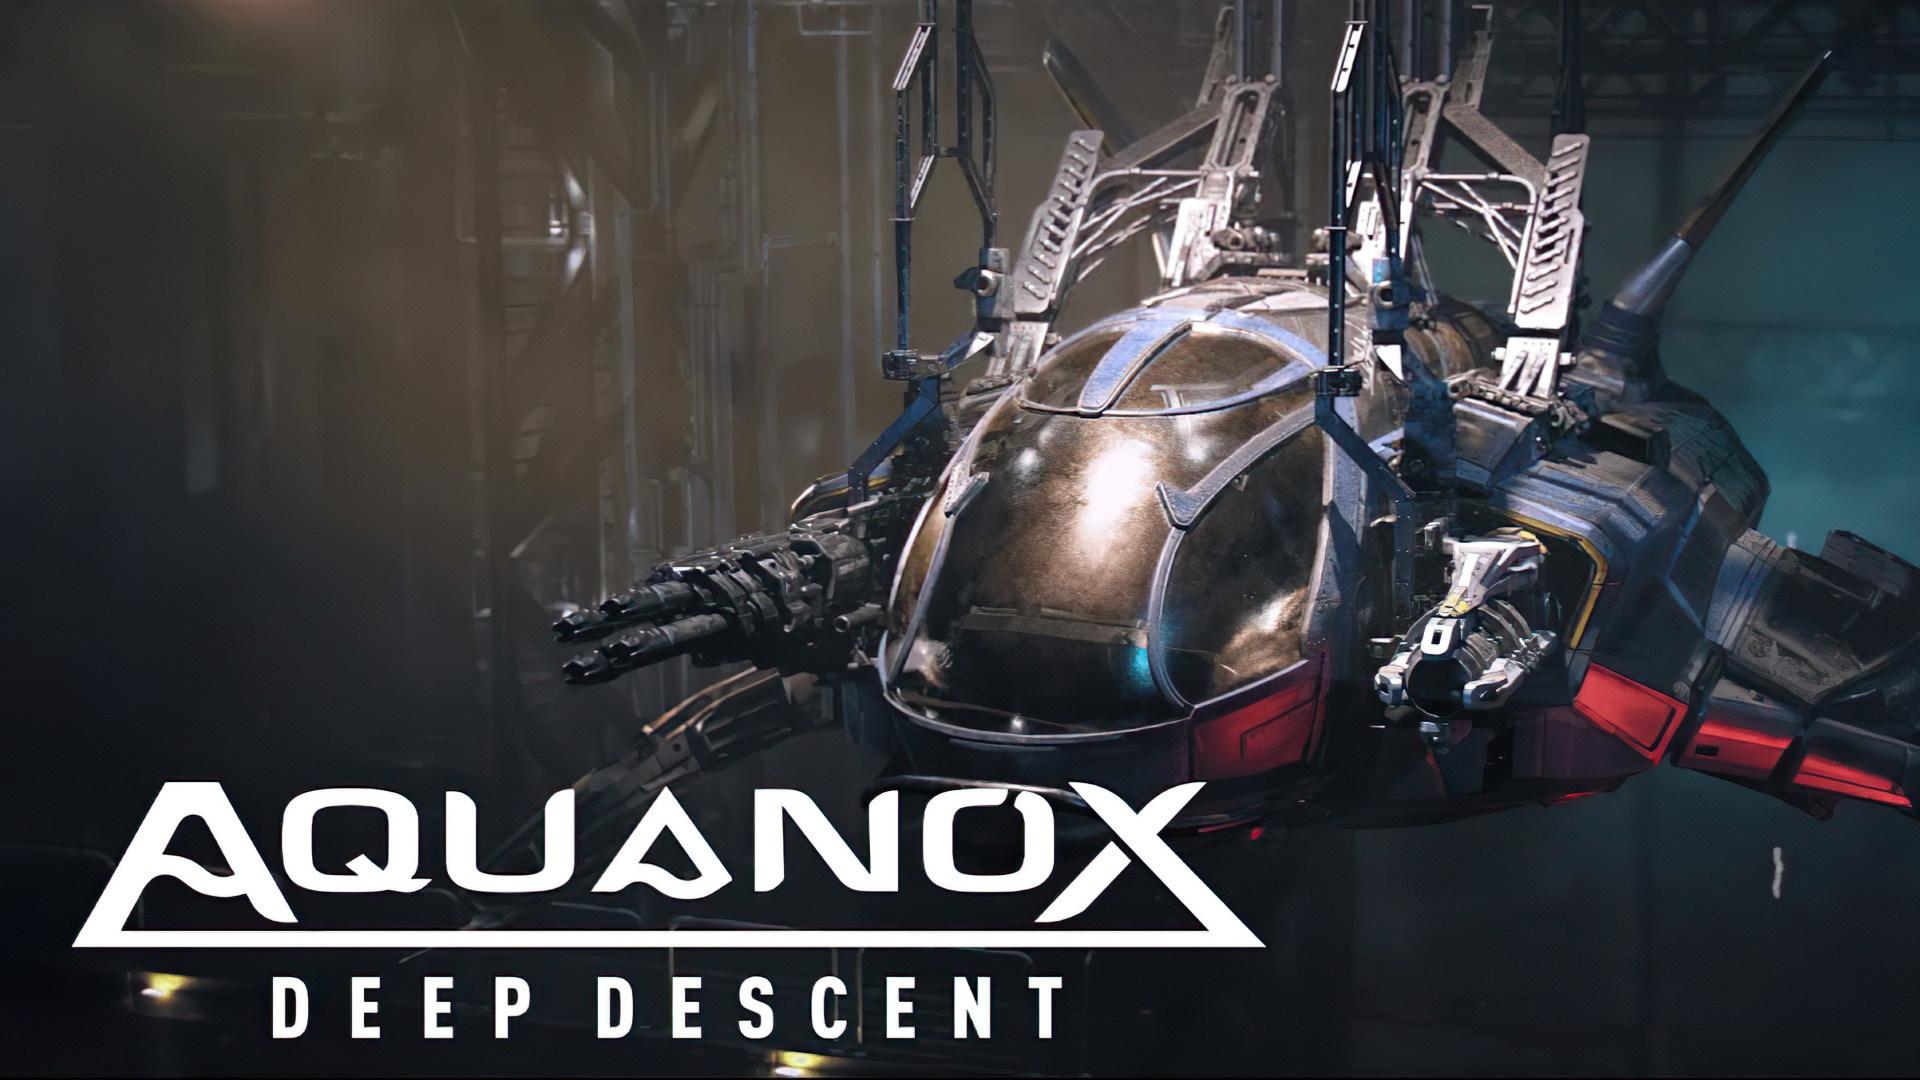 Trailer, Shooter, actionspiel, Thq, THQ Nordic, Aquanox Deep Descent, Aquanox, Digital Arrow